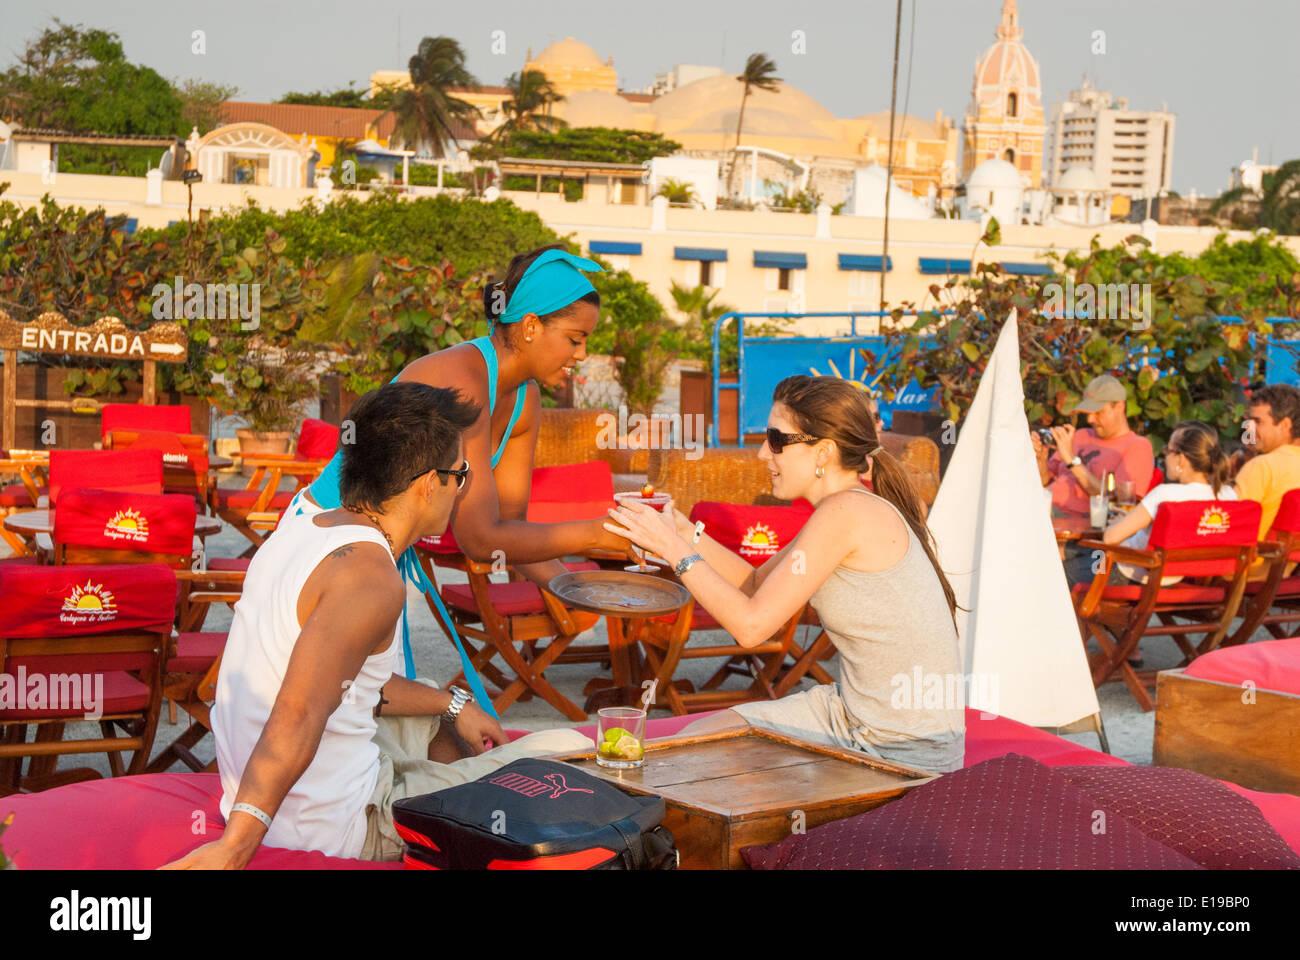 Cafe del mar, Cartagena de Indias, Colombia Immagini Stock